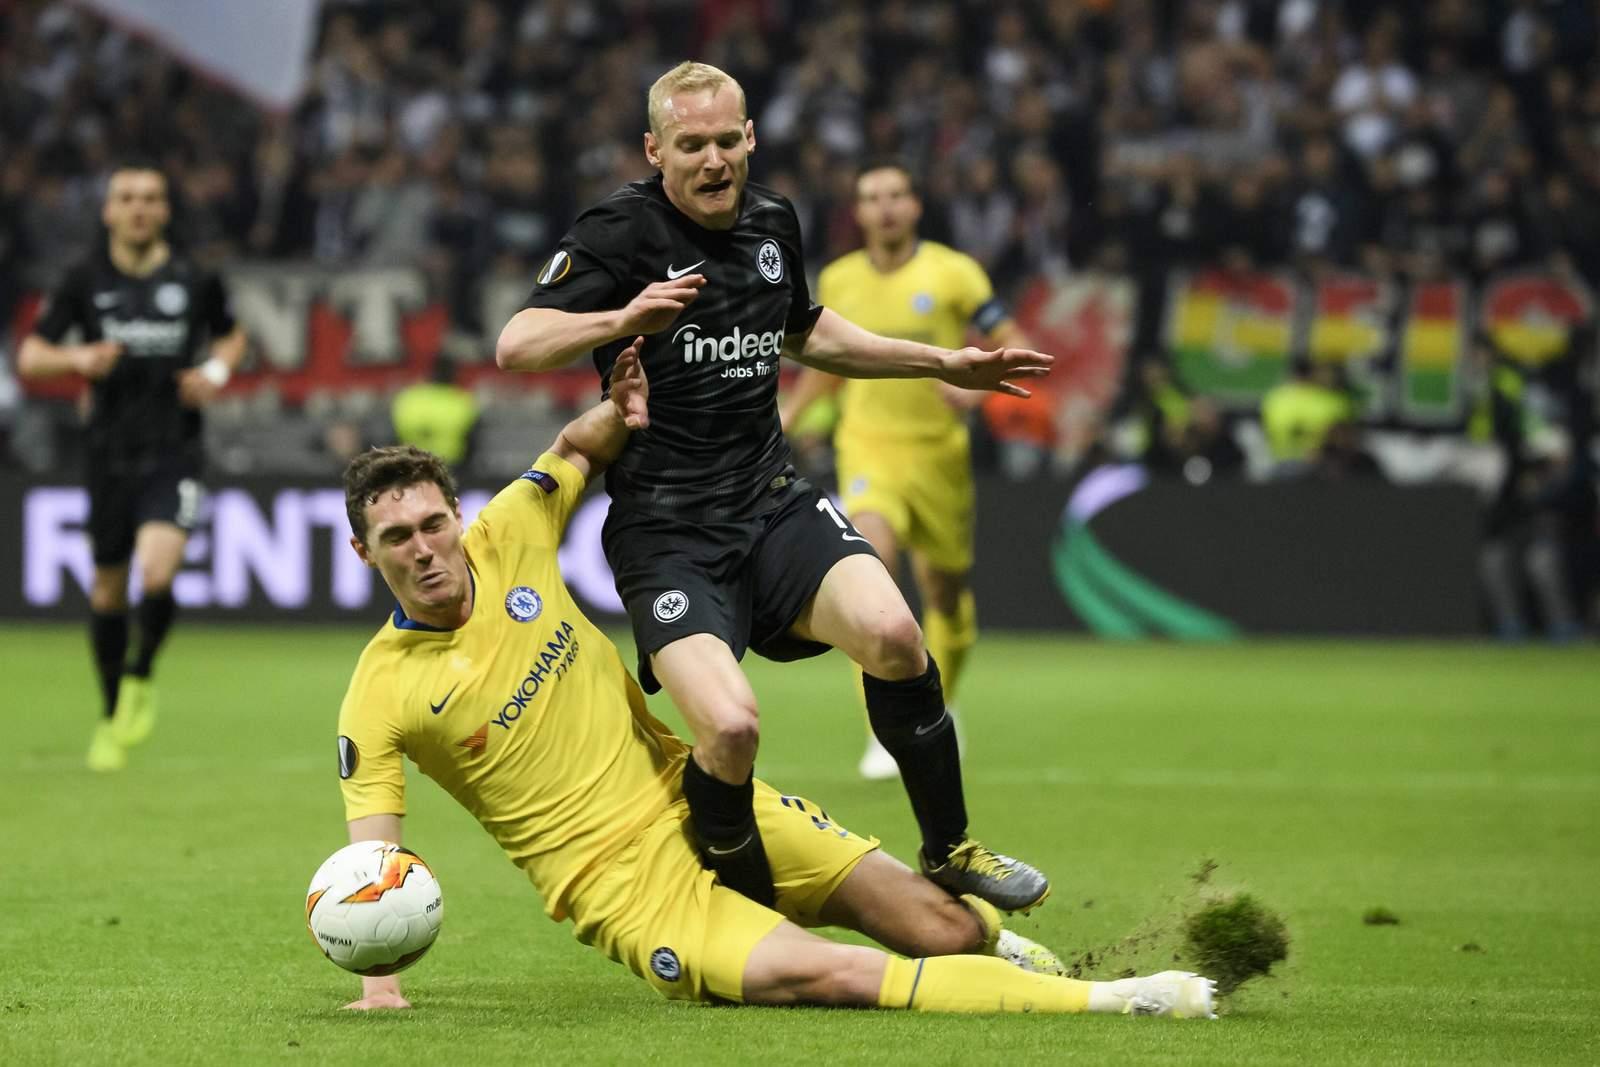 Kann Sebastian Rode mit Frankfurt die Hürde Chelsea nehmen? Jetzt auf Chelsea gegen Frankfurt wetten!